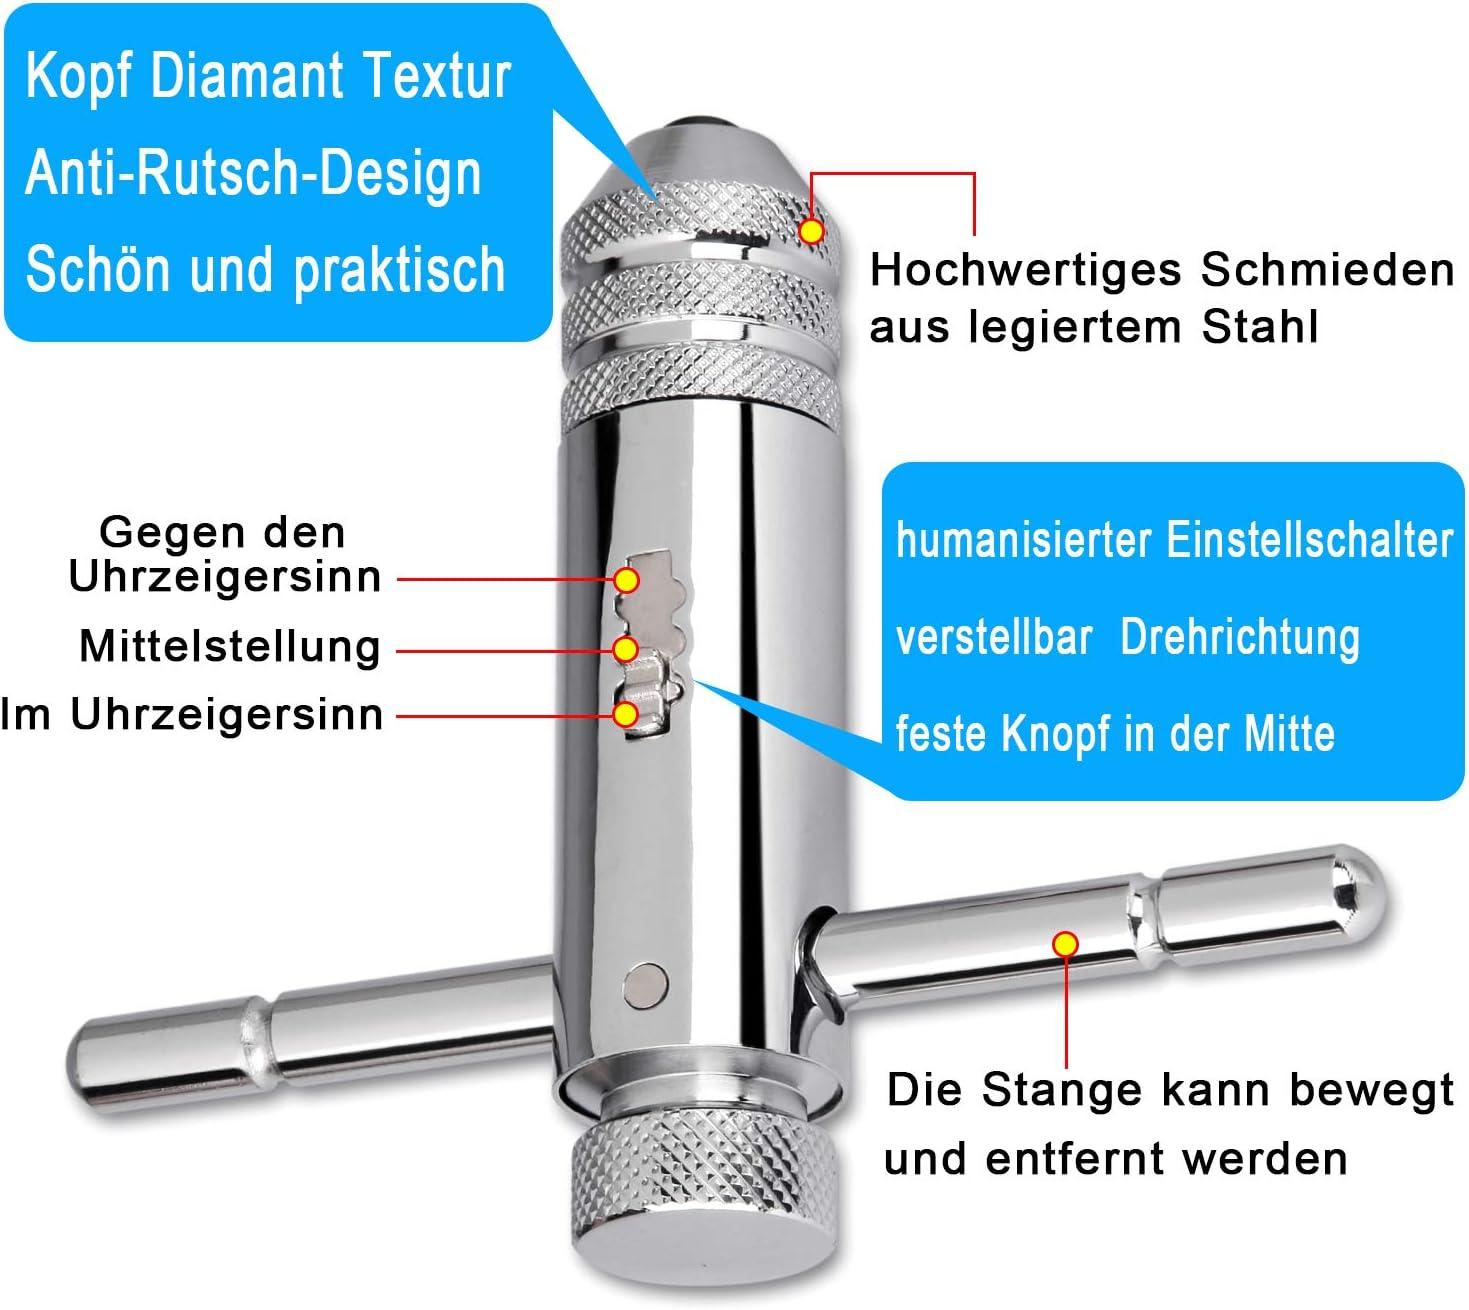 Stahlblech M12x1.75mm Spiralgewindebohrer Hochgeschwindigkeitsstahl Praktisches Schraubengewindebohrwerkzeug zur Verarbeitung von Edelstahl Kupfer ASHATA M12x1.75mm Spiralgewindebohrer